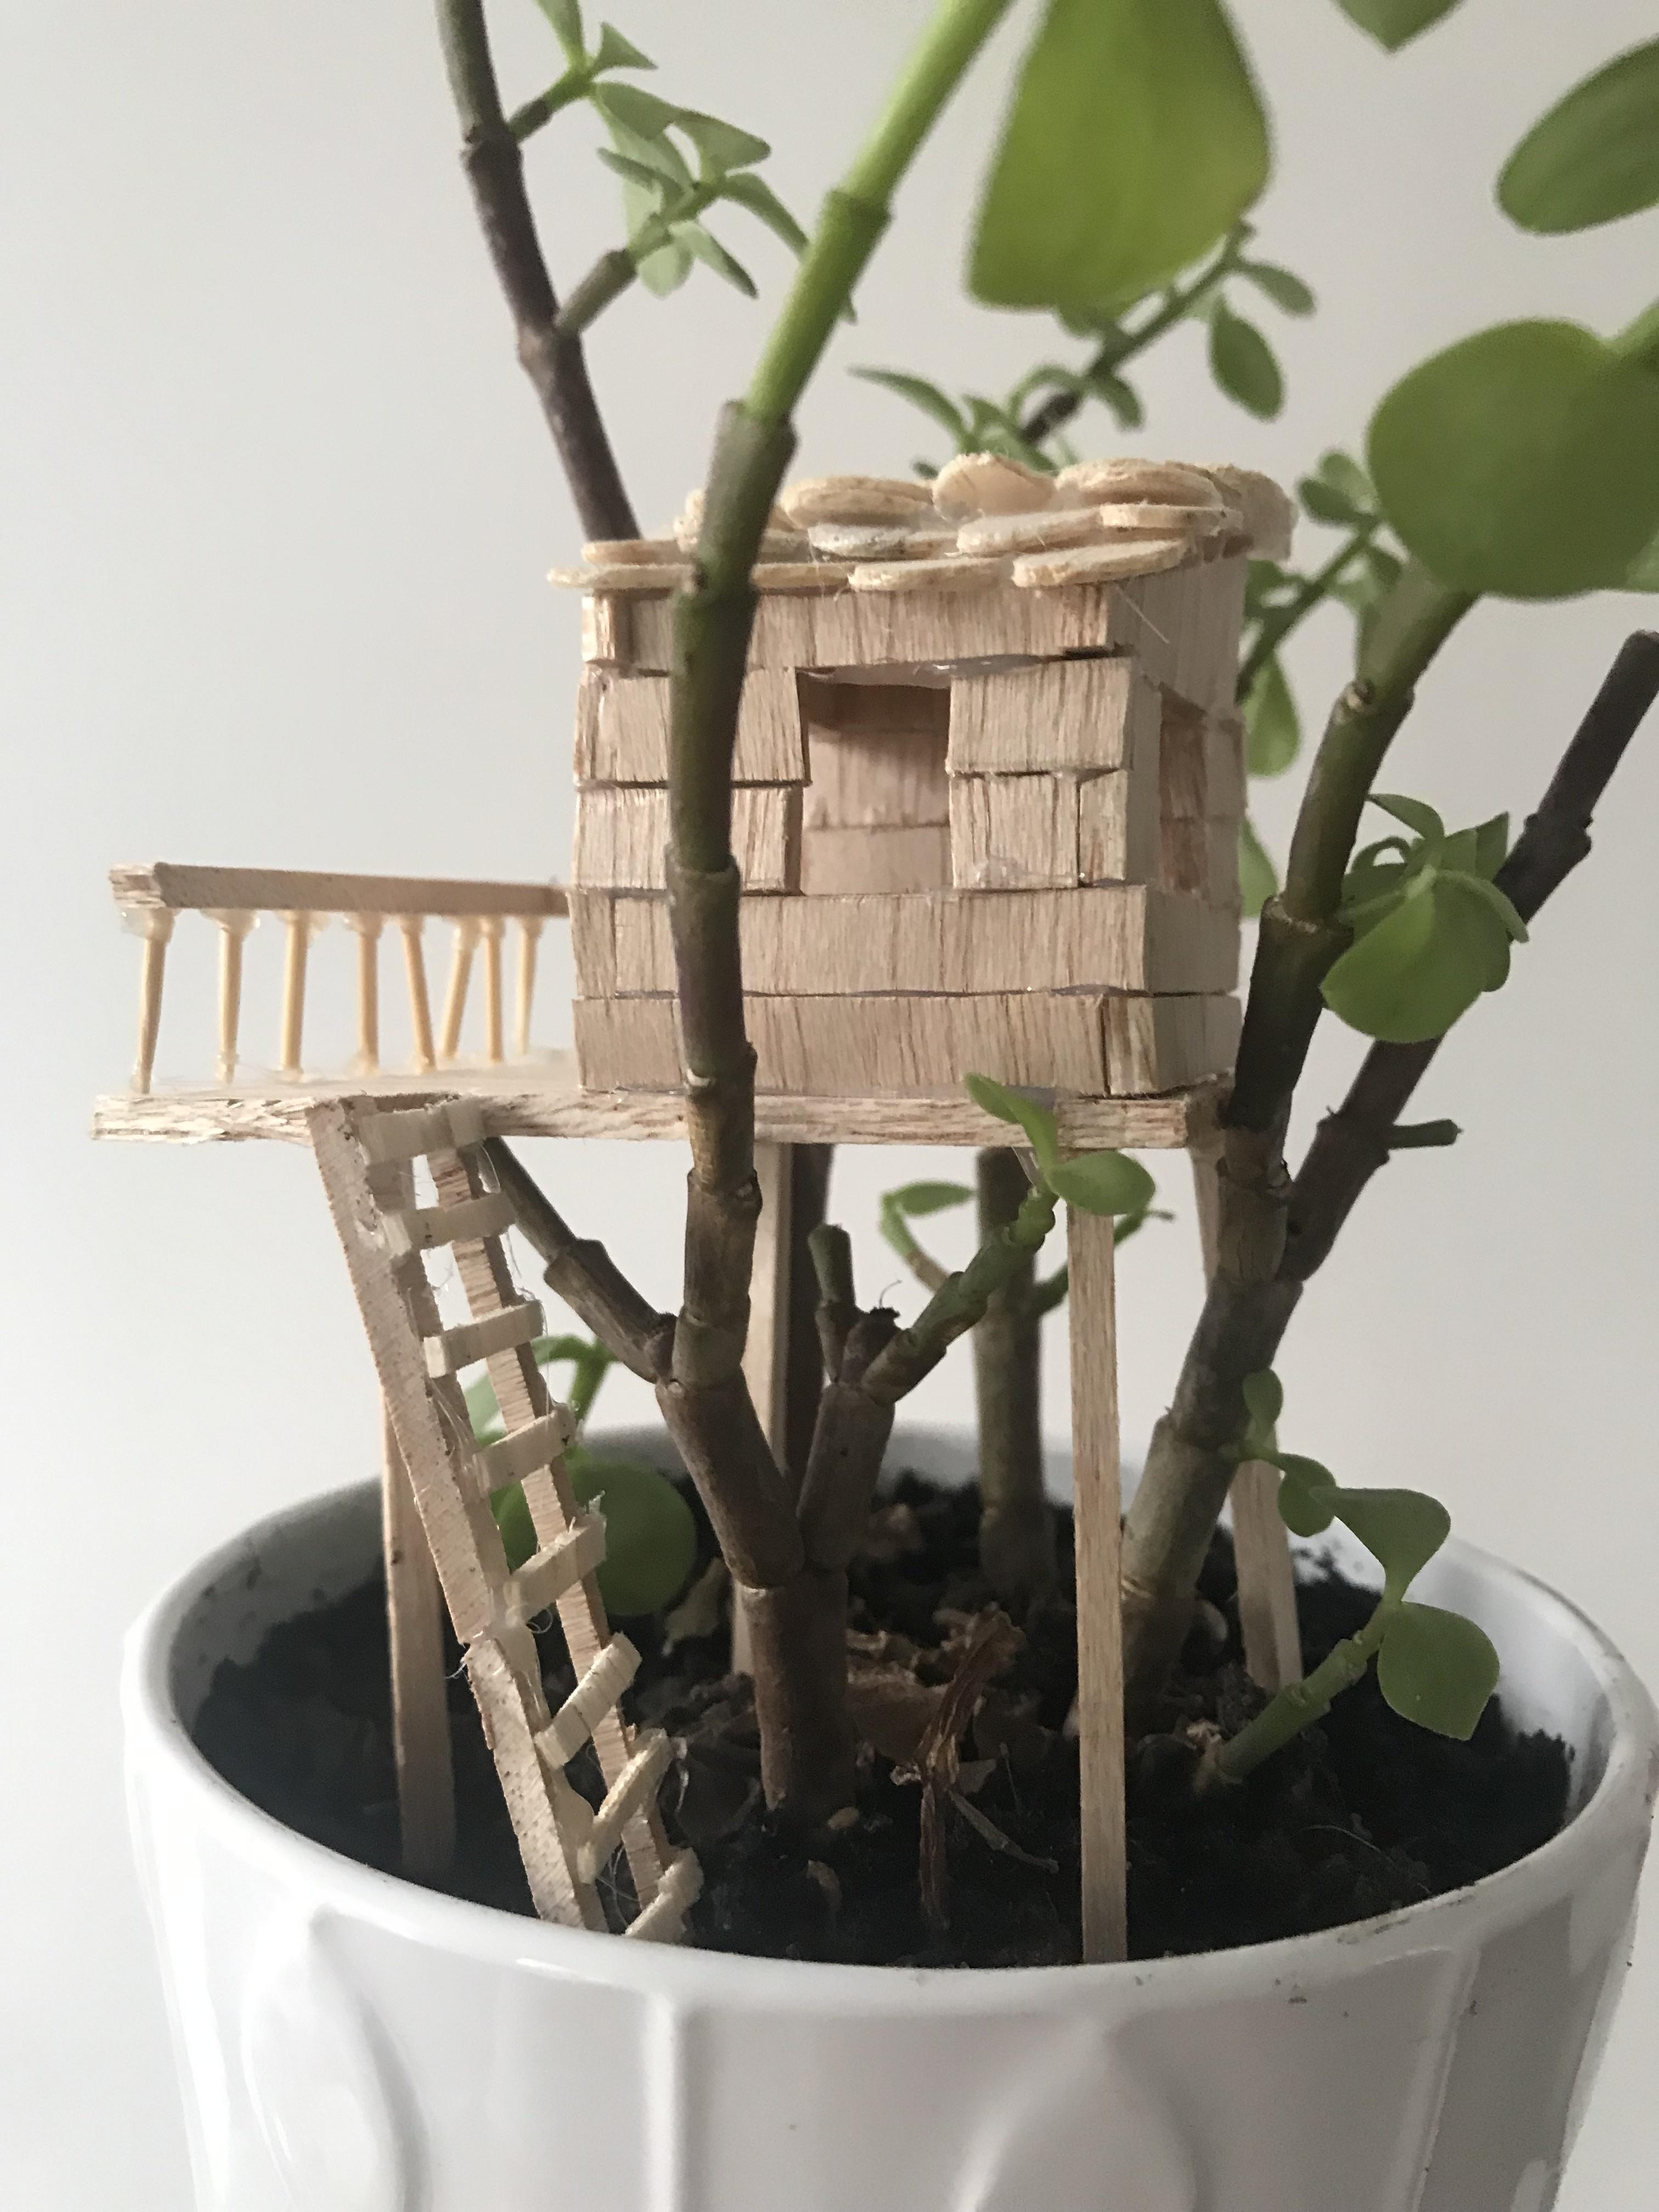 Atelier mini cabane dans les arbres - Samedi 2 février de 10h à 12h